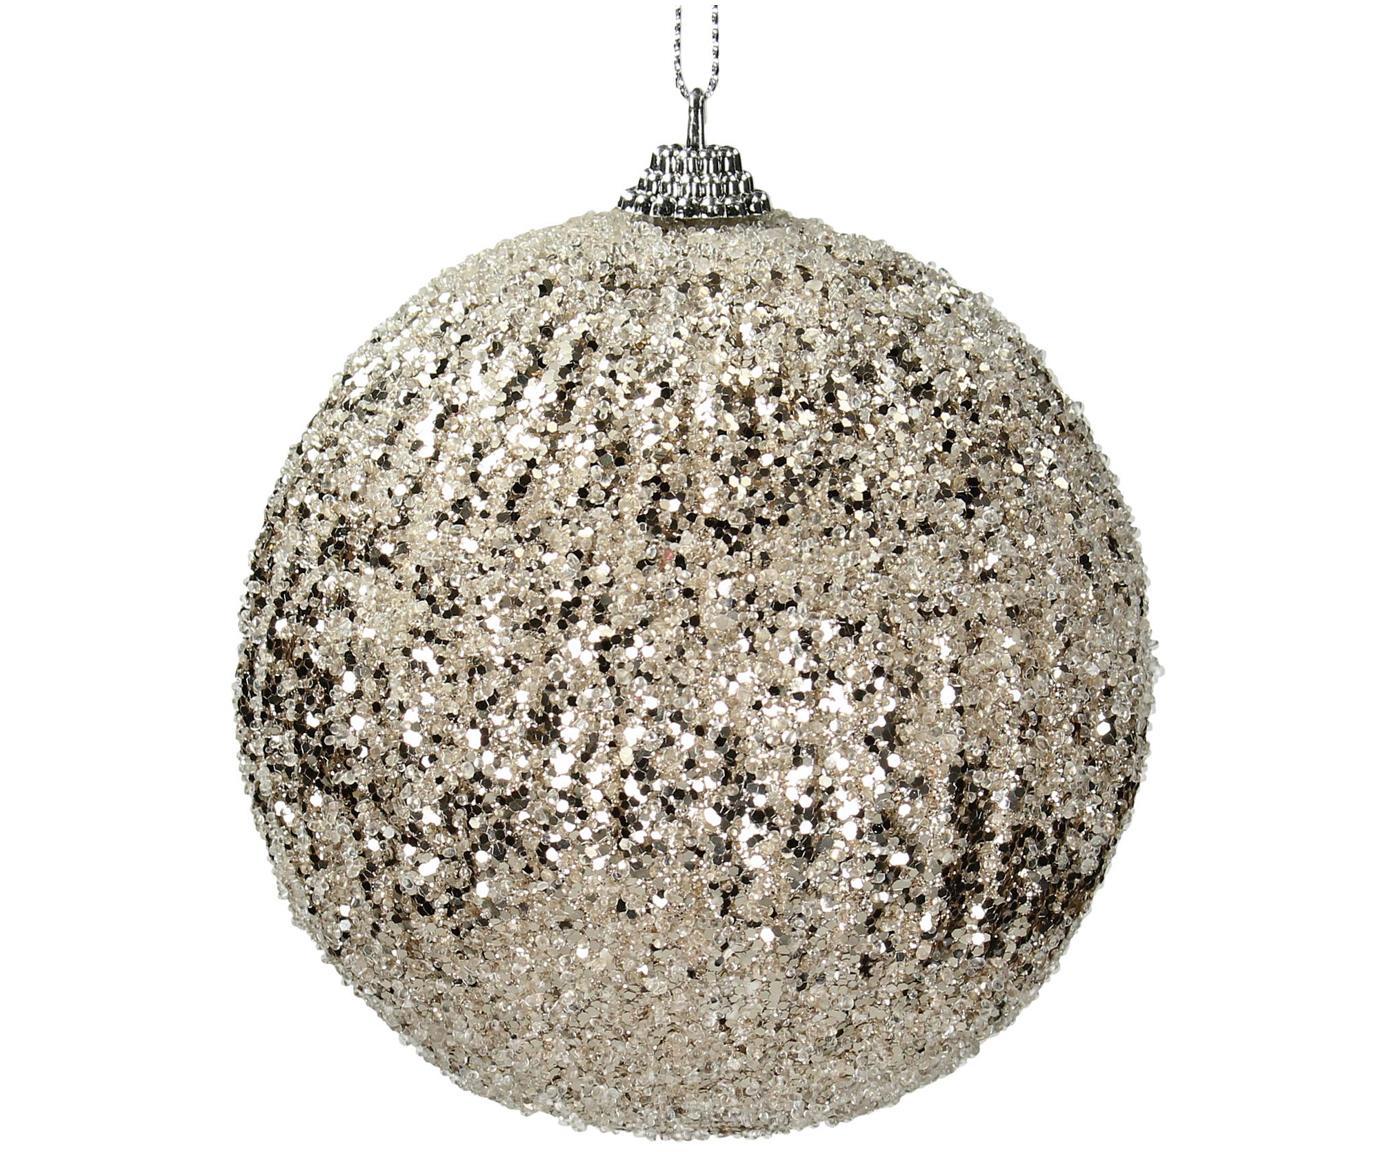 Kerstballen Dazzle, 2 stuks, Kunststof, glanzend, Champagnekleurig, Ø 10 cm